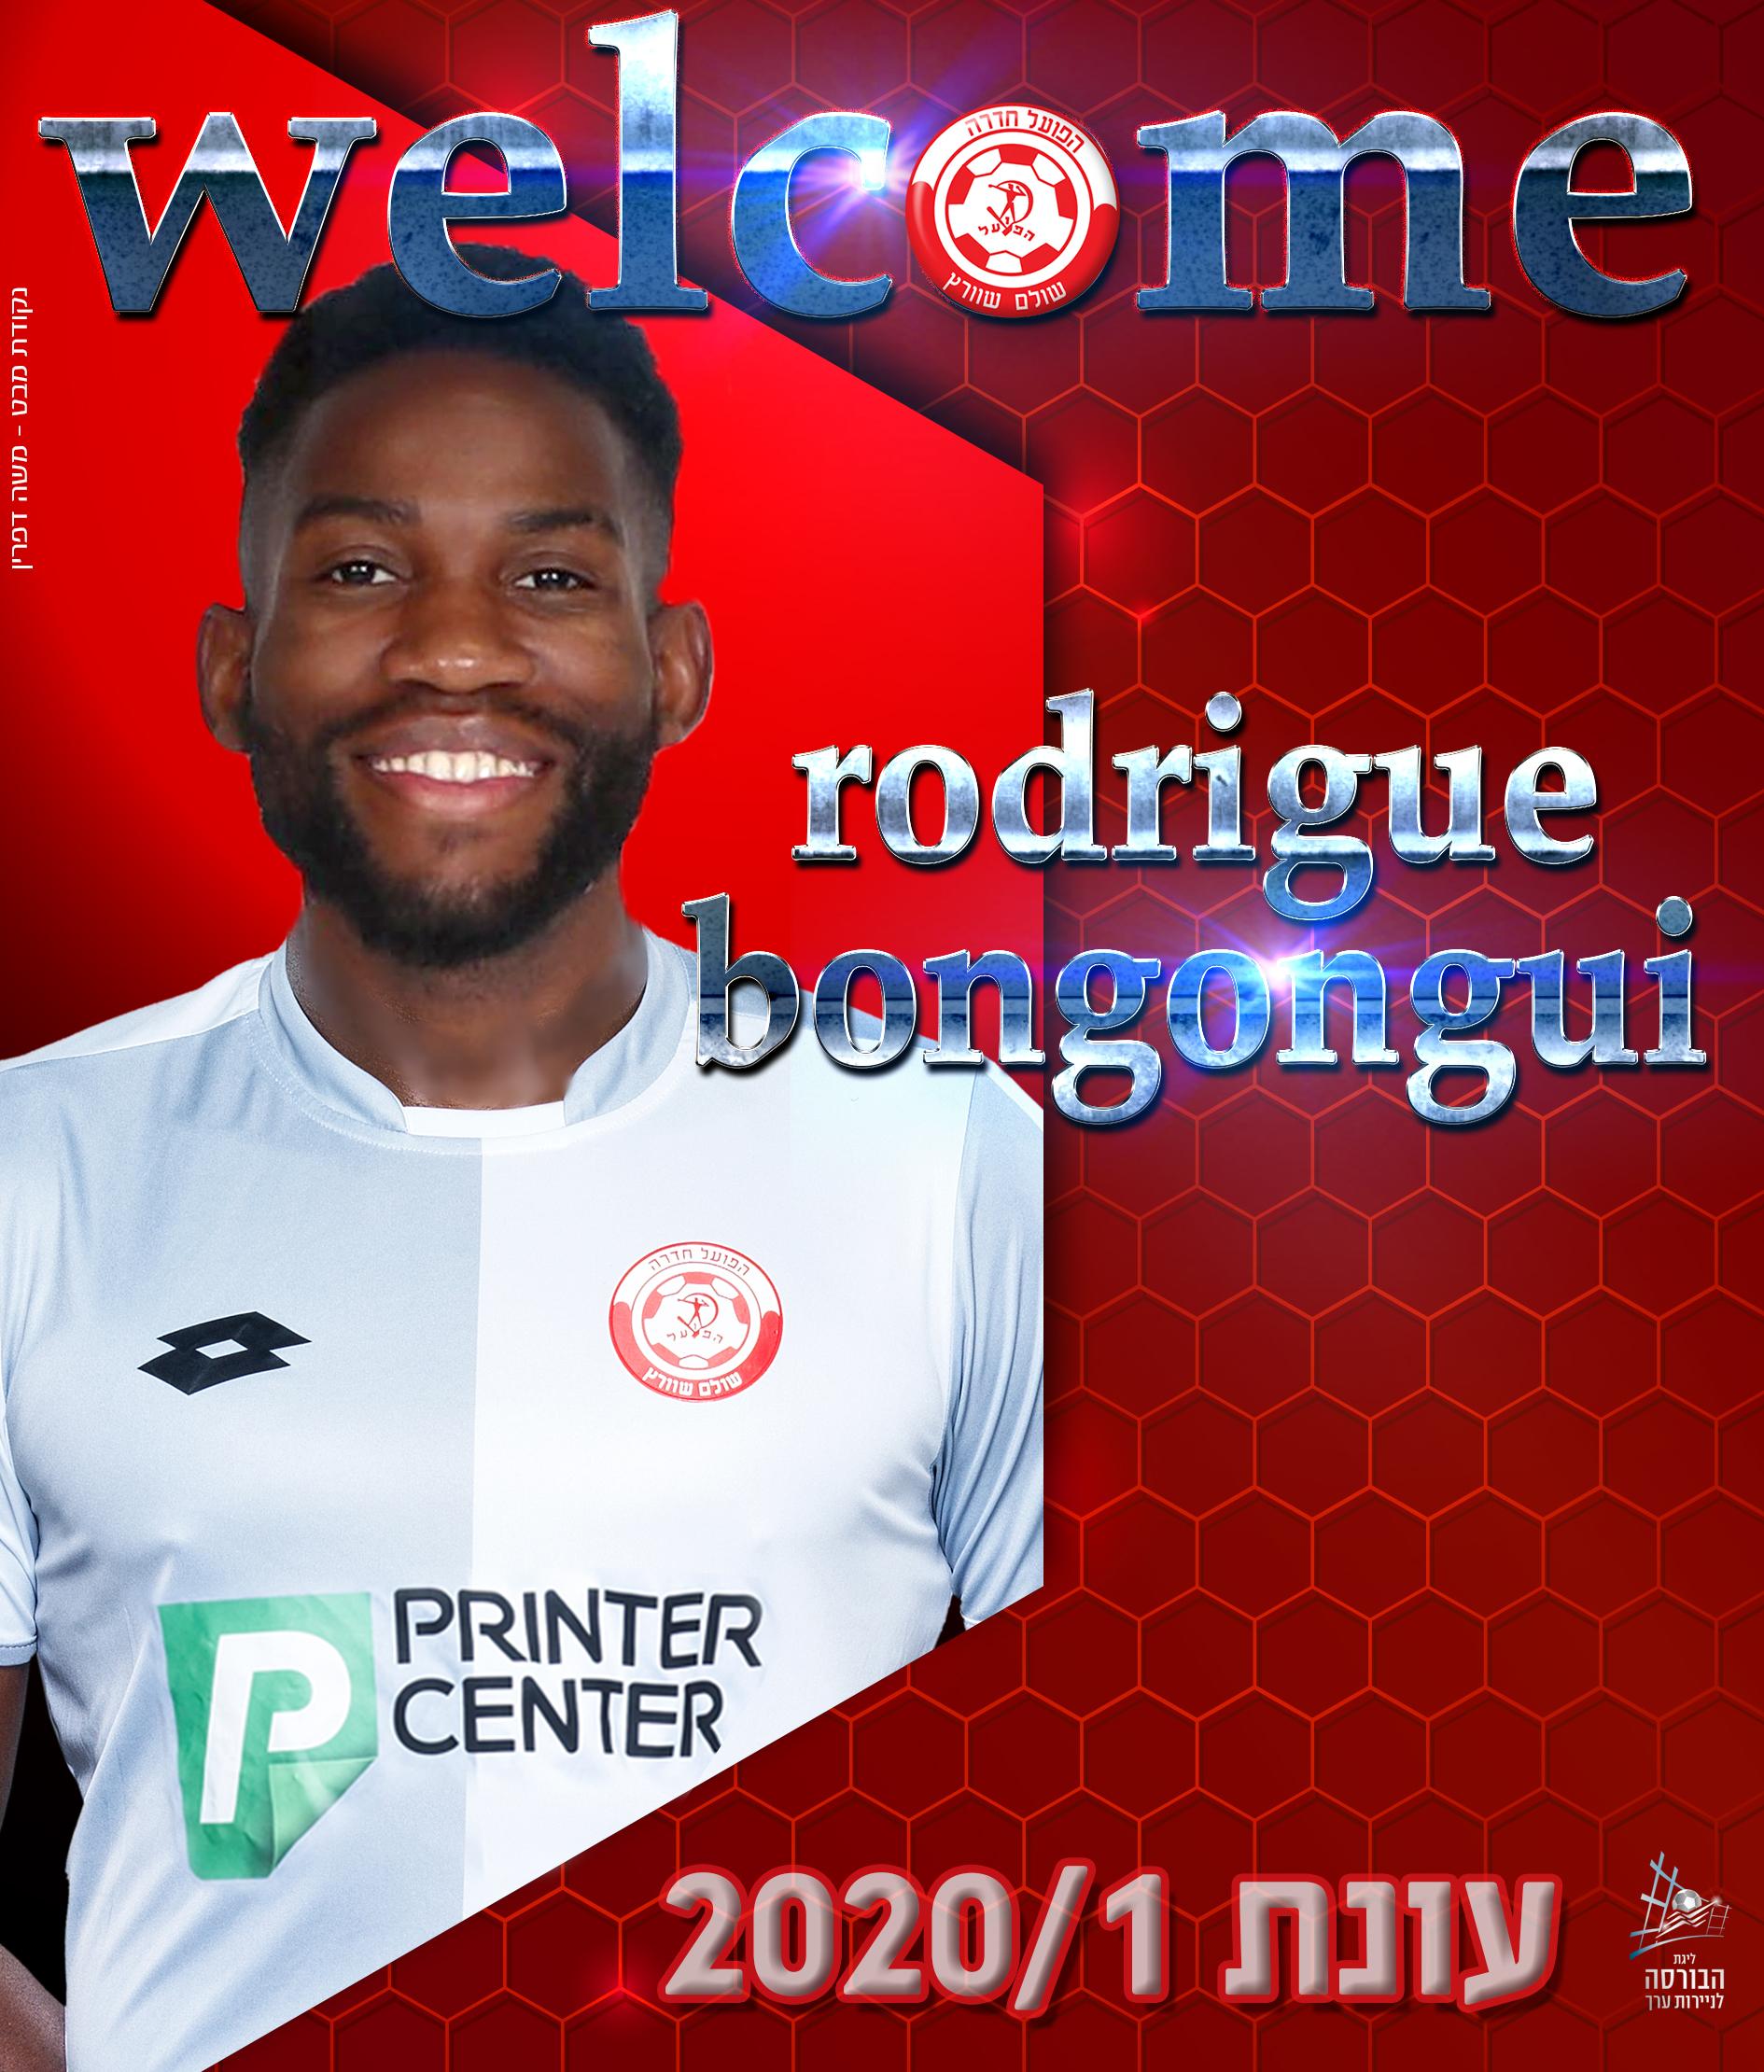 הקשר הקמרוני רודריגו בונגונגי חתם לעונה אחת